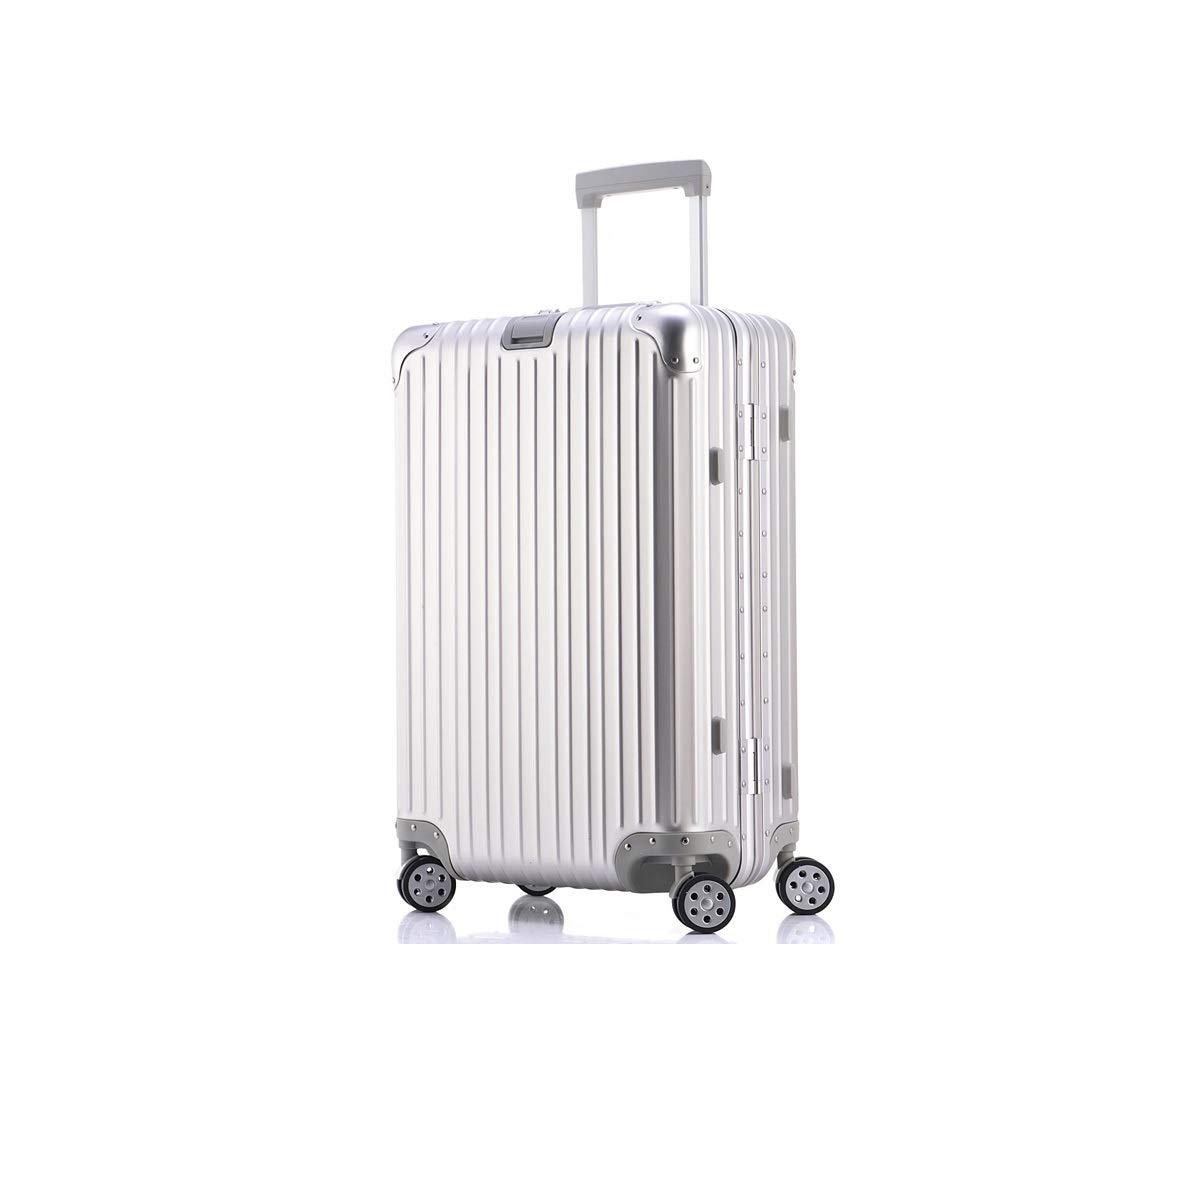 Fengkuo すべての金属アルミマグネシウム合金トロリーケースユニバーサルホイール女性純赤スーツケース20インチビジネススーツケースハードカラーブラックシルバーサイズ47 * 35 * 20 cm スーツケース  シルバー B07QN35QC7